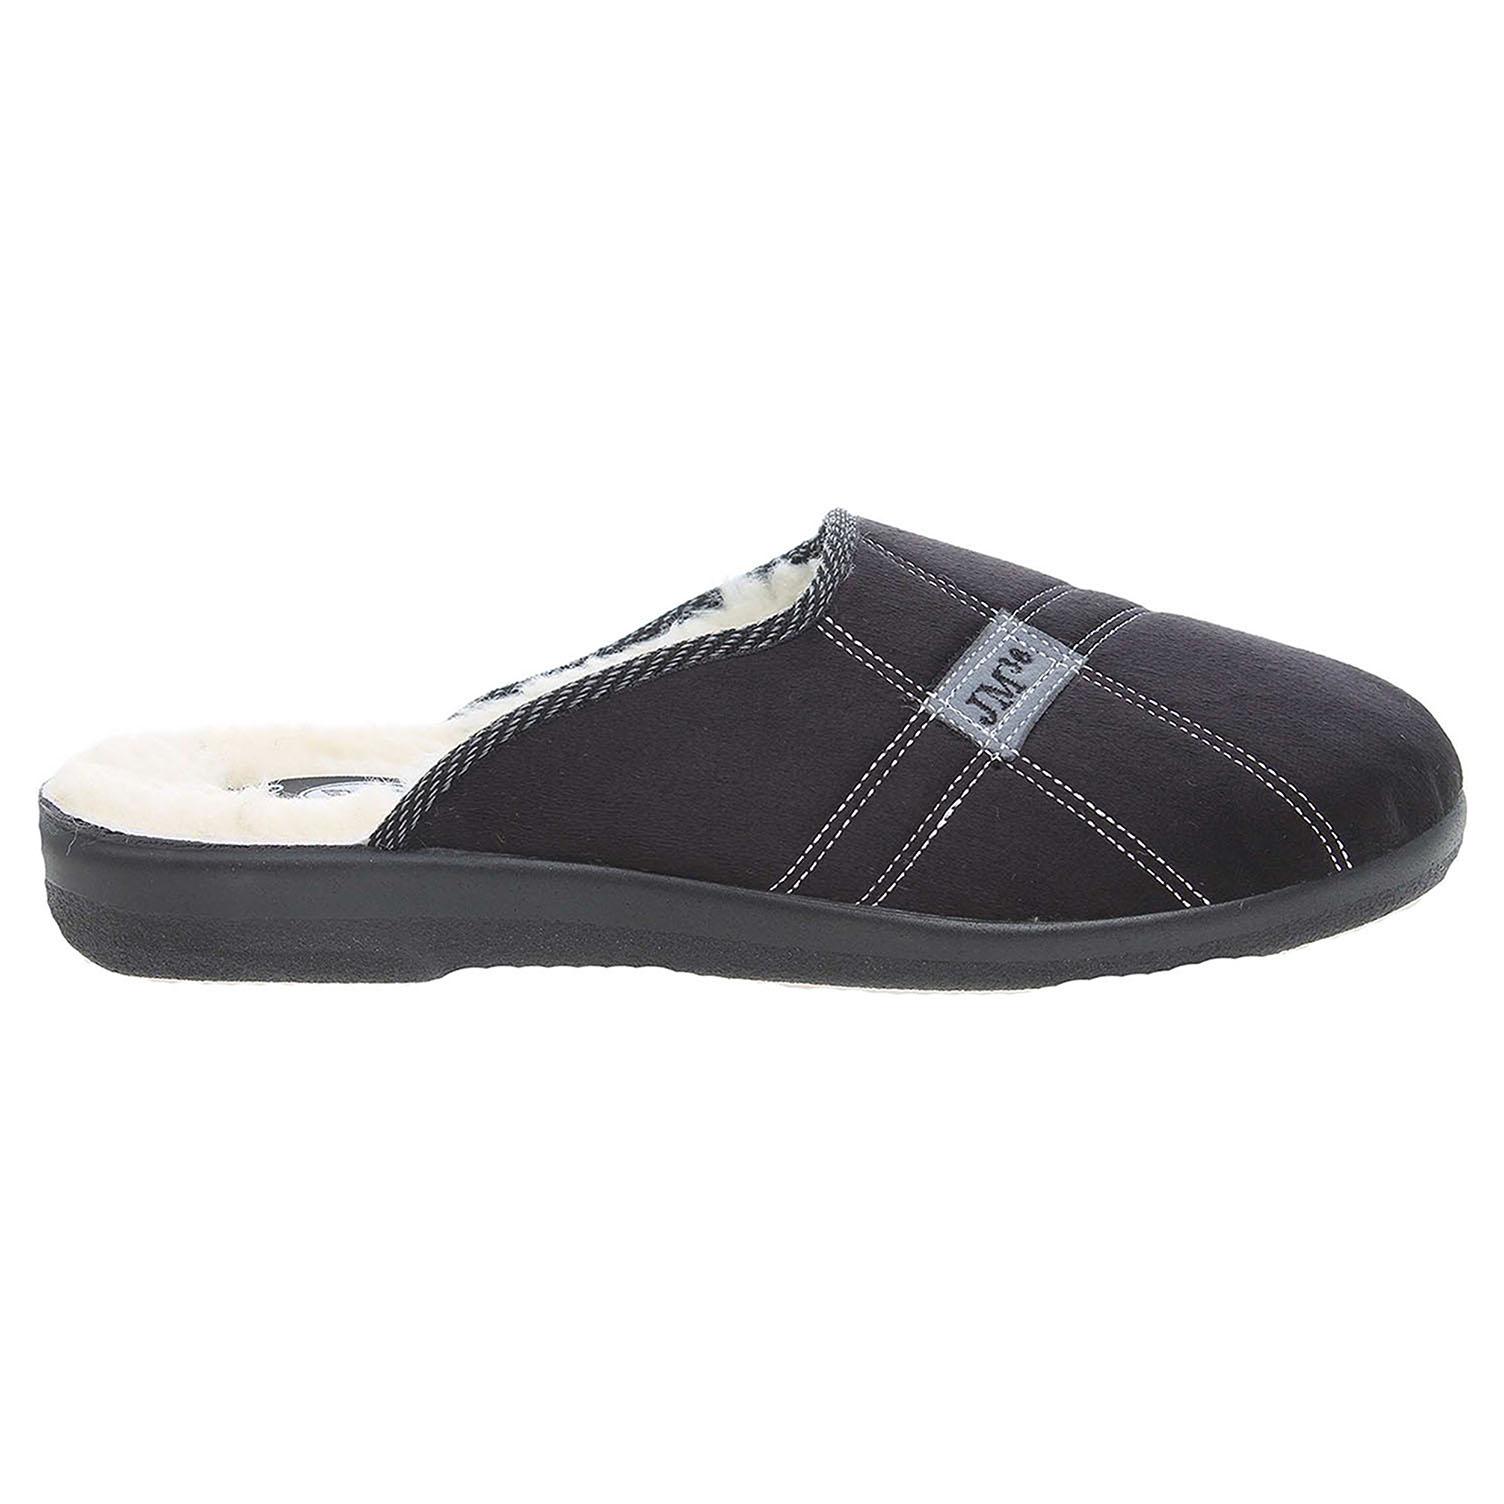 Rogallo pánské domácí pantofle 4110-006 černé 41